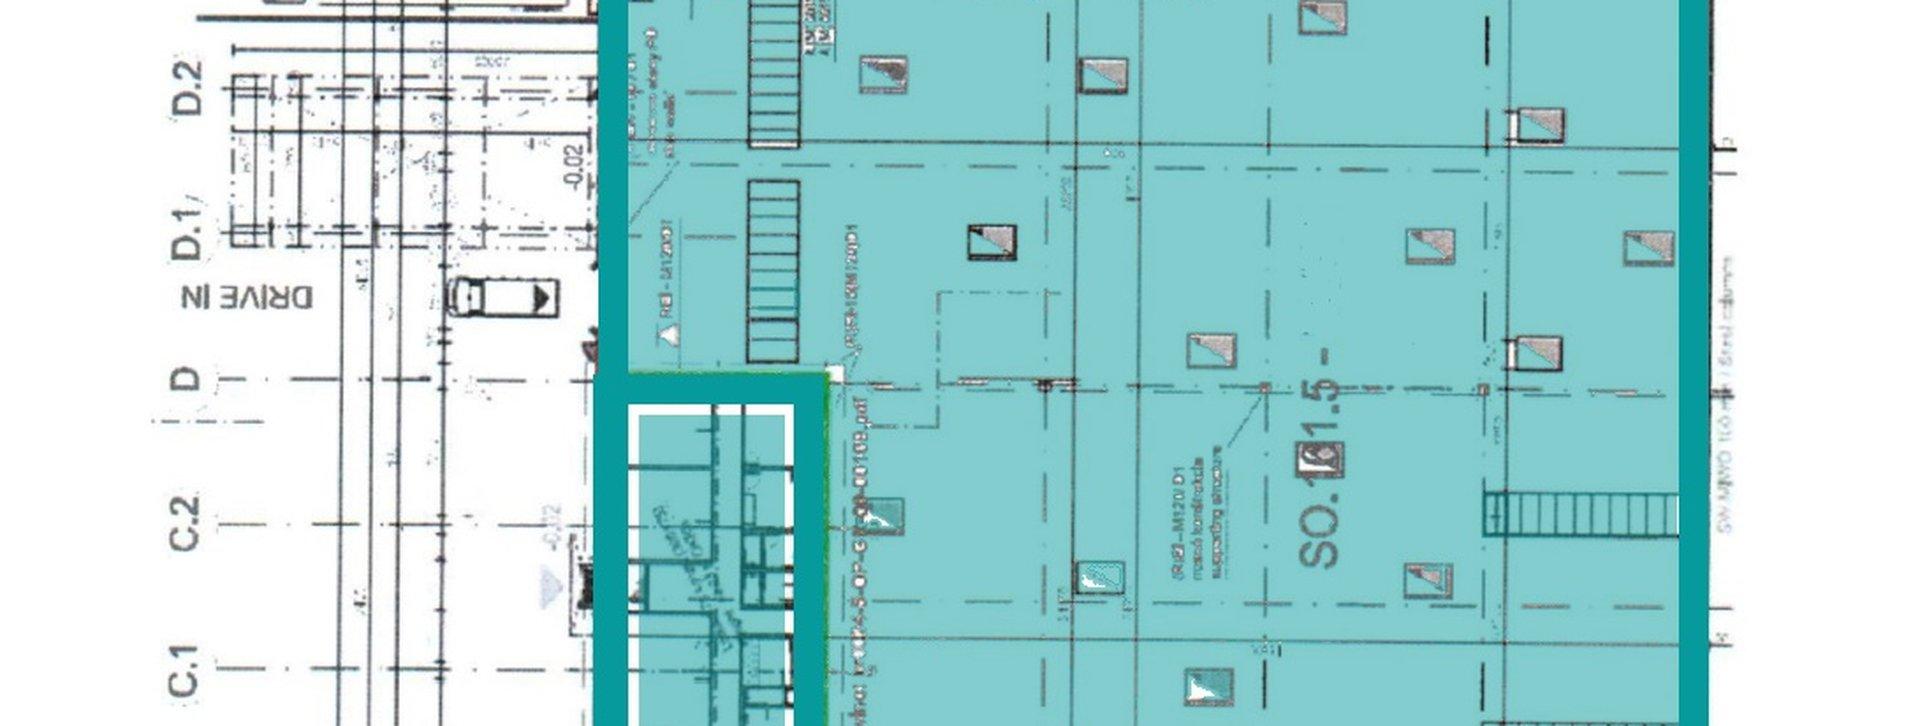 layout - 2641 m2